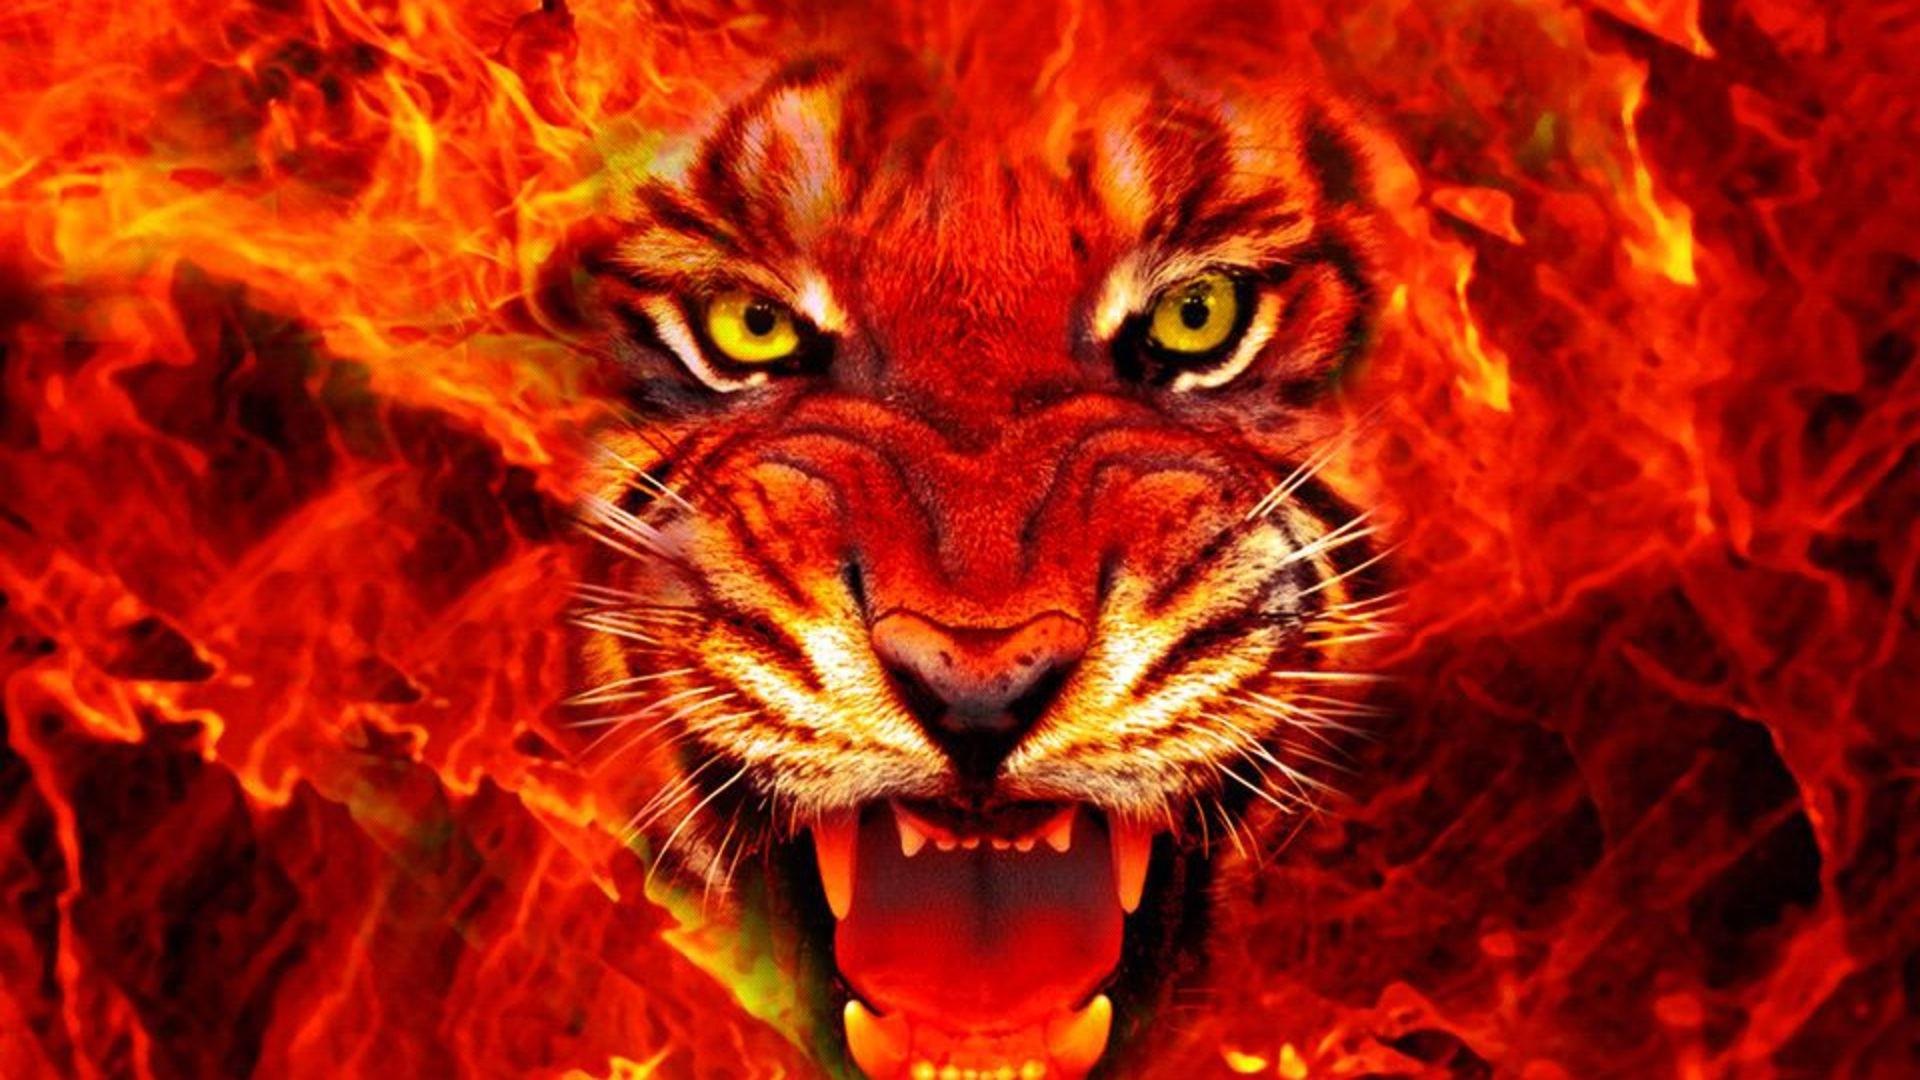 Res: 1920x1080, King of forest (Lion) burning face desktop